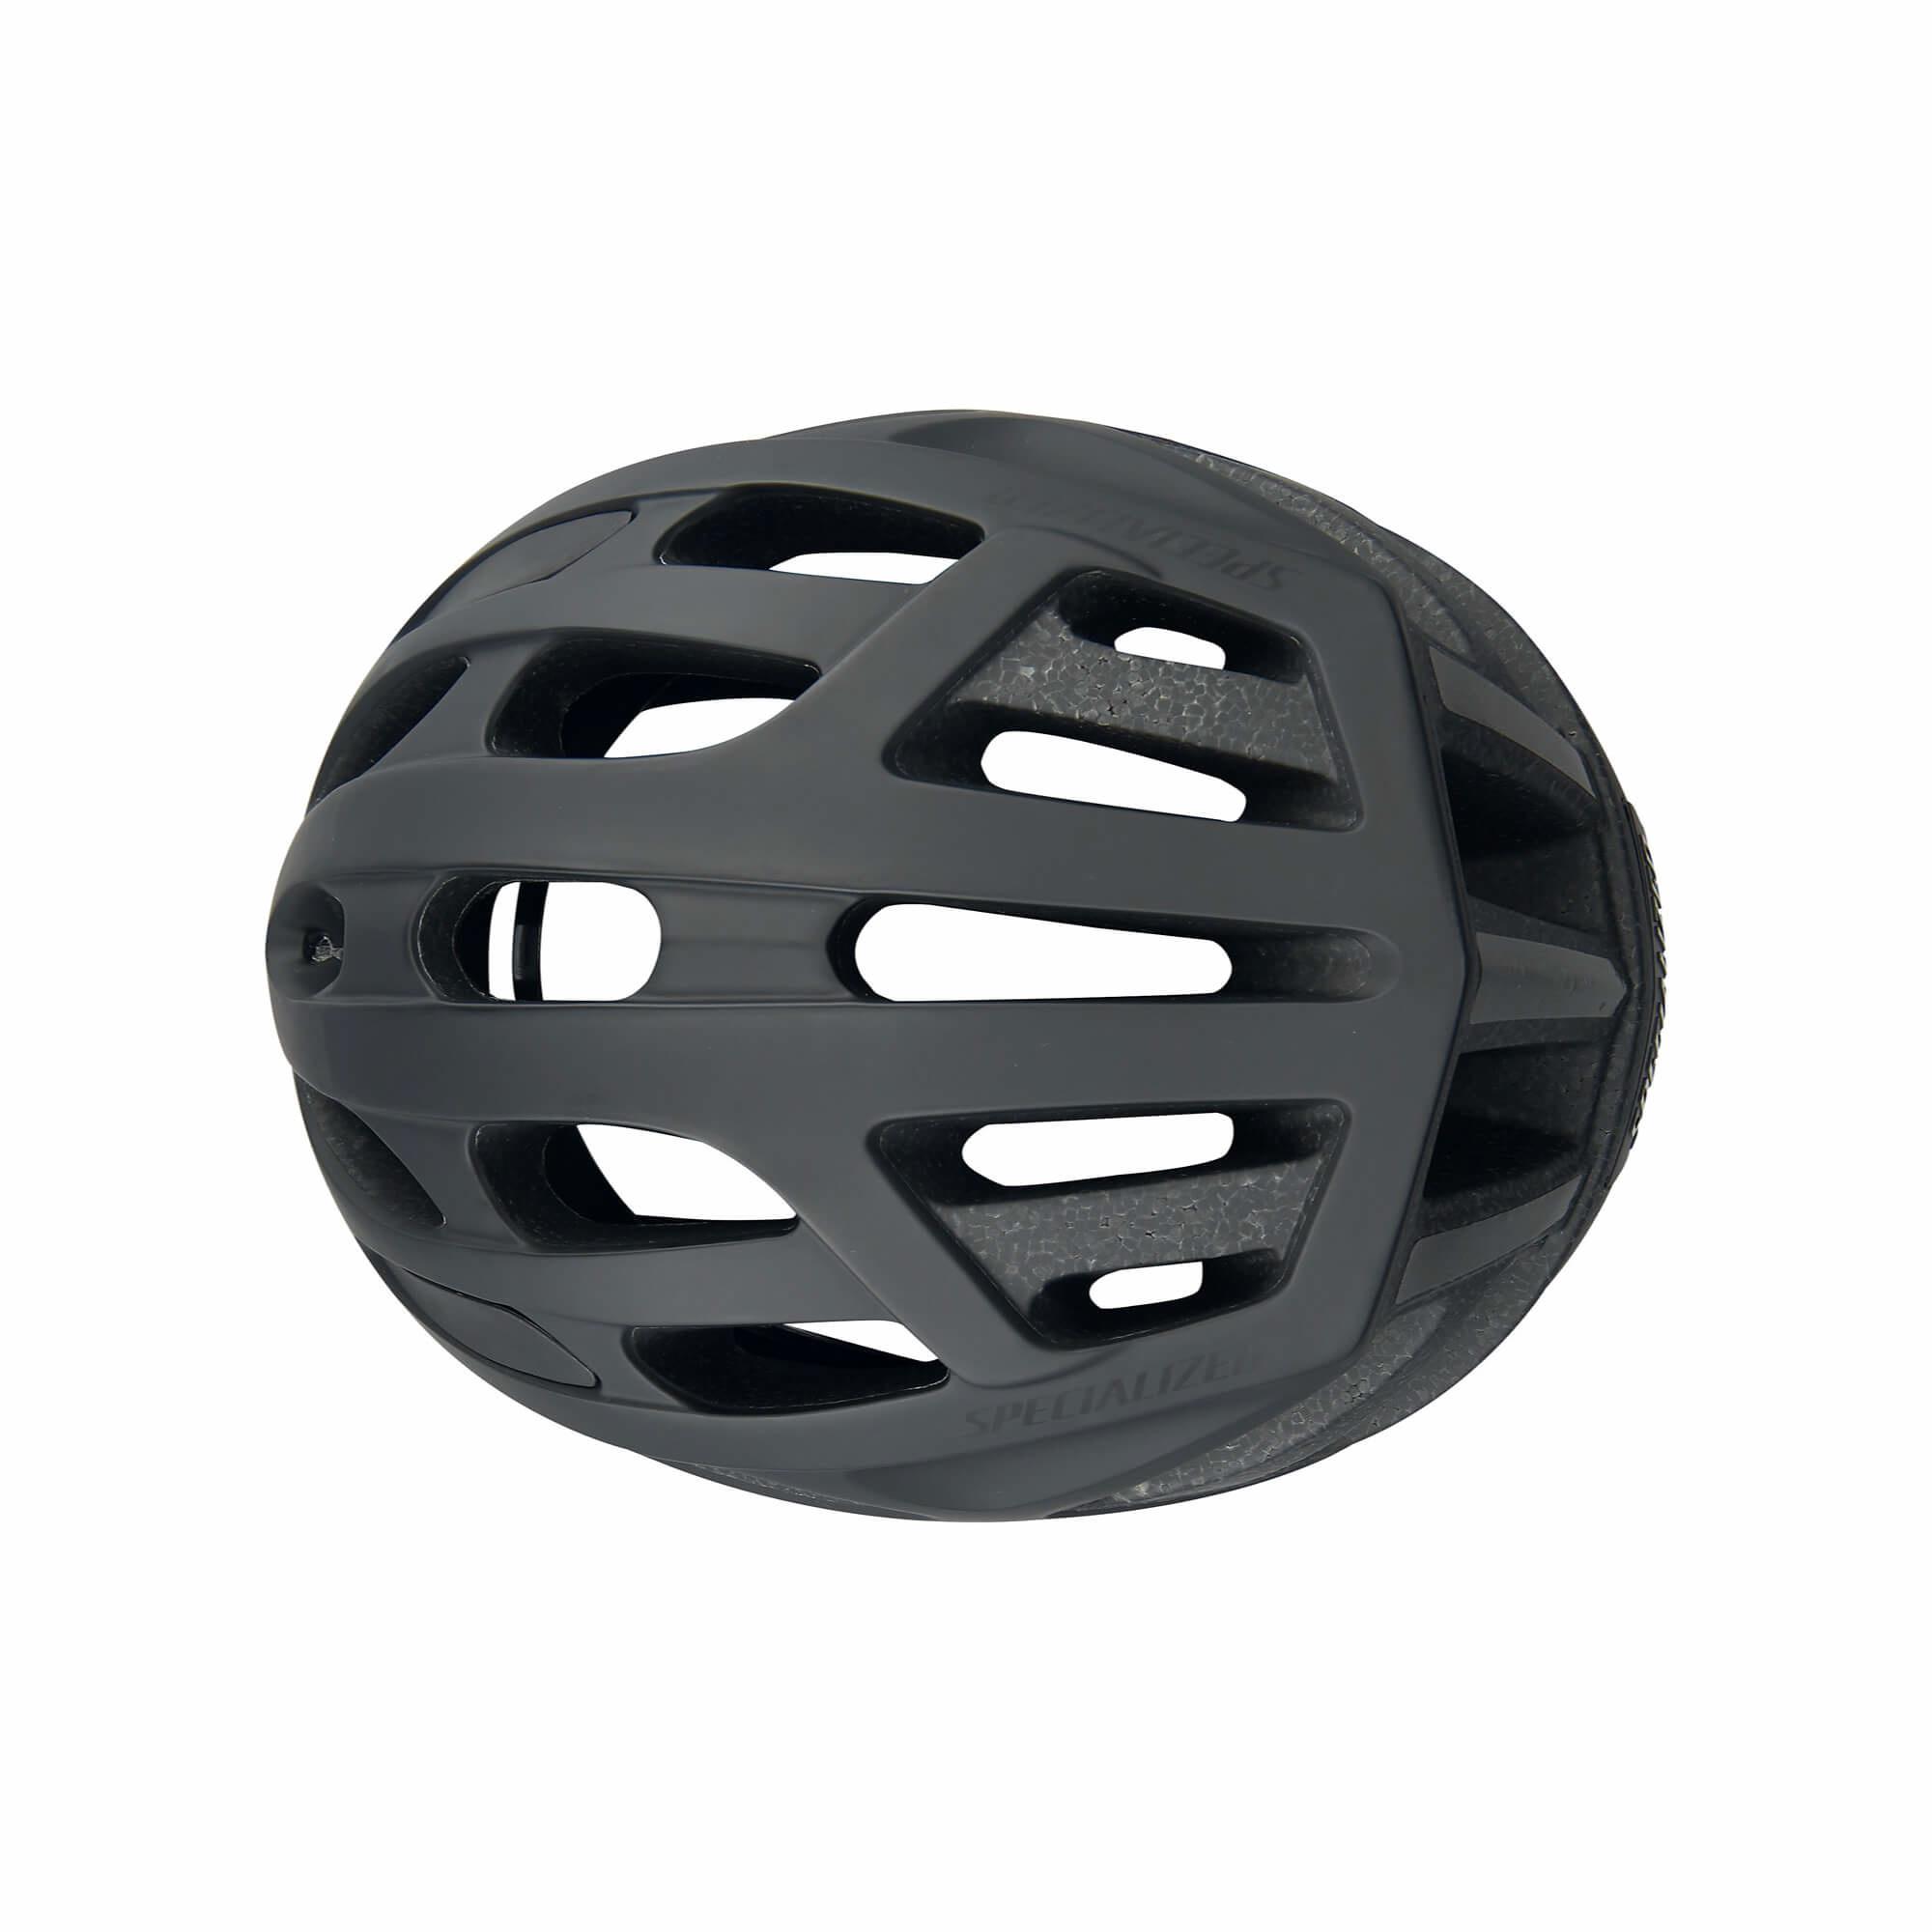 Align Helmet MIPS-4